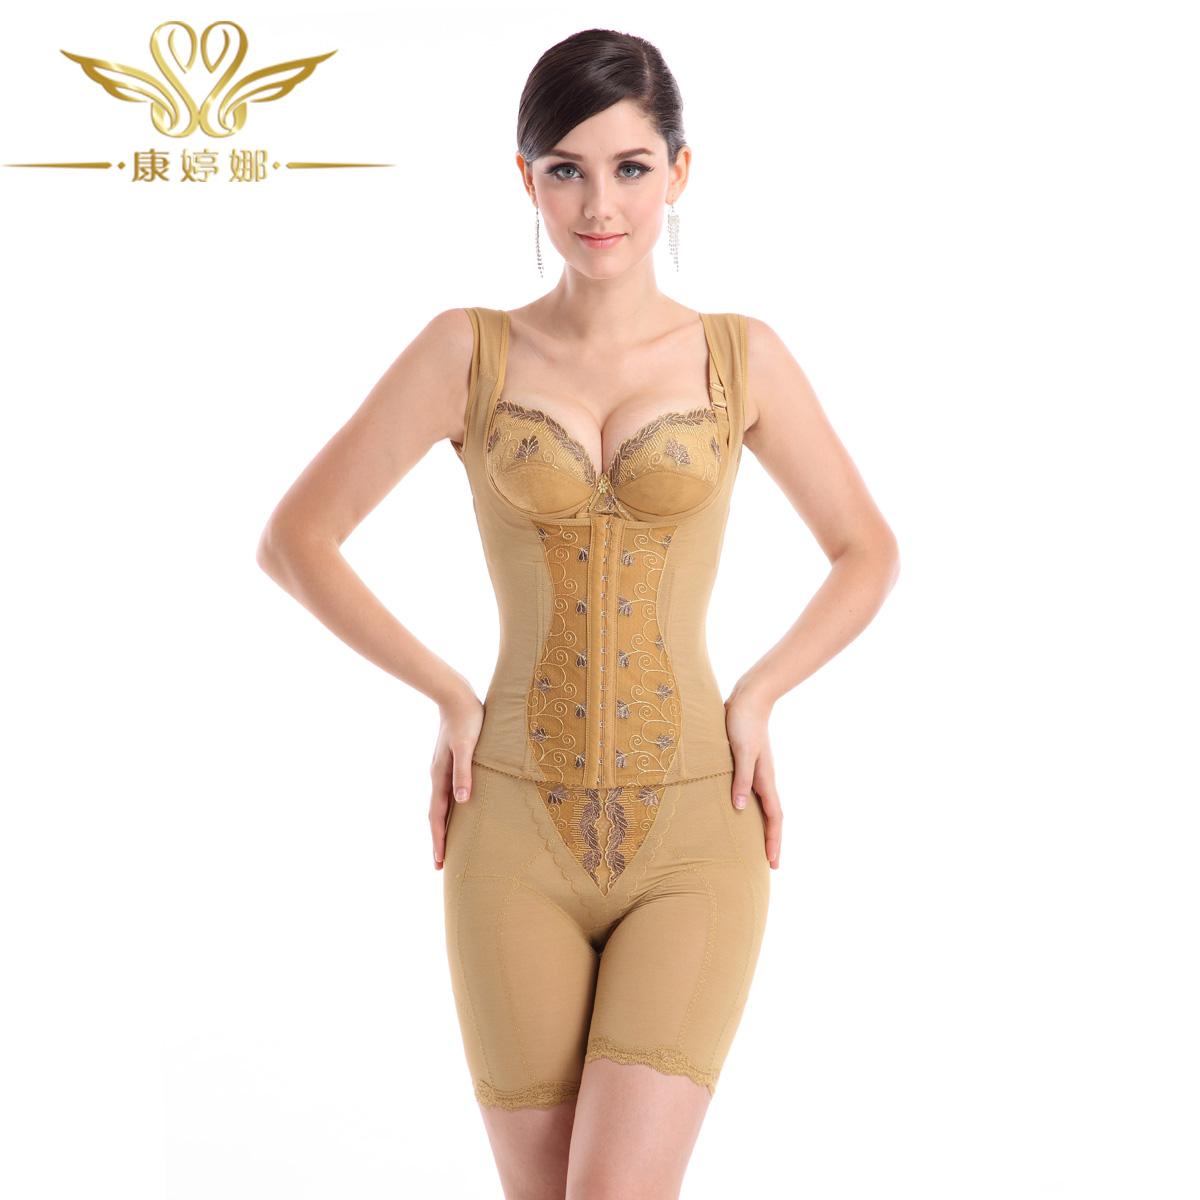 康婷娜美容院塑身美体内衣分体三件套装 身材管理器 束身模具